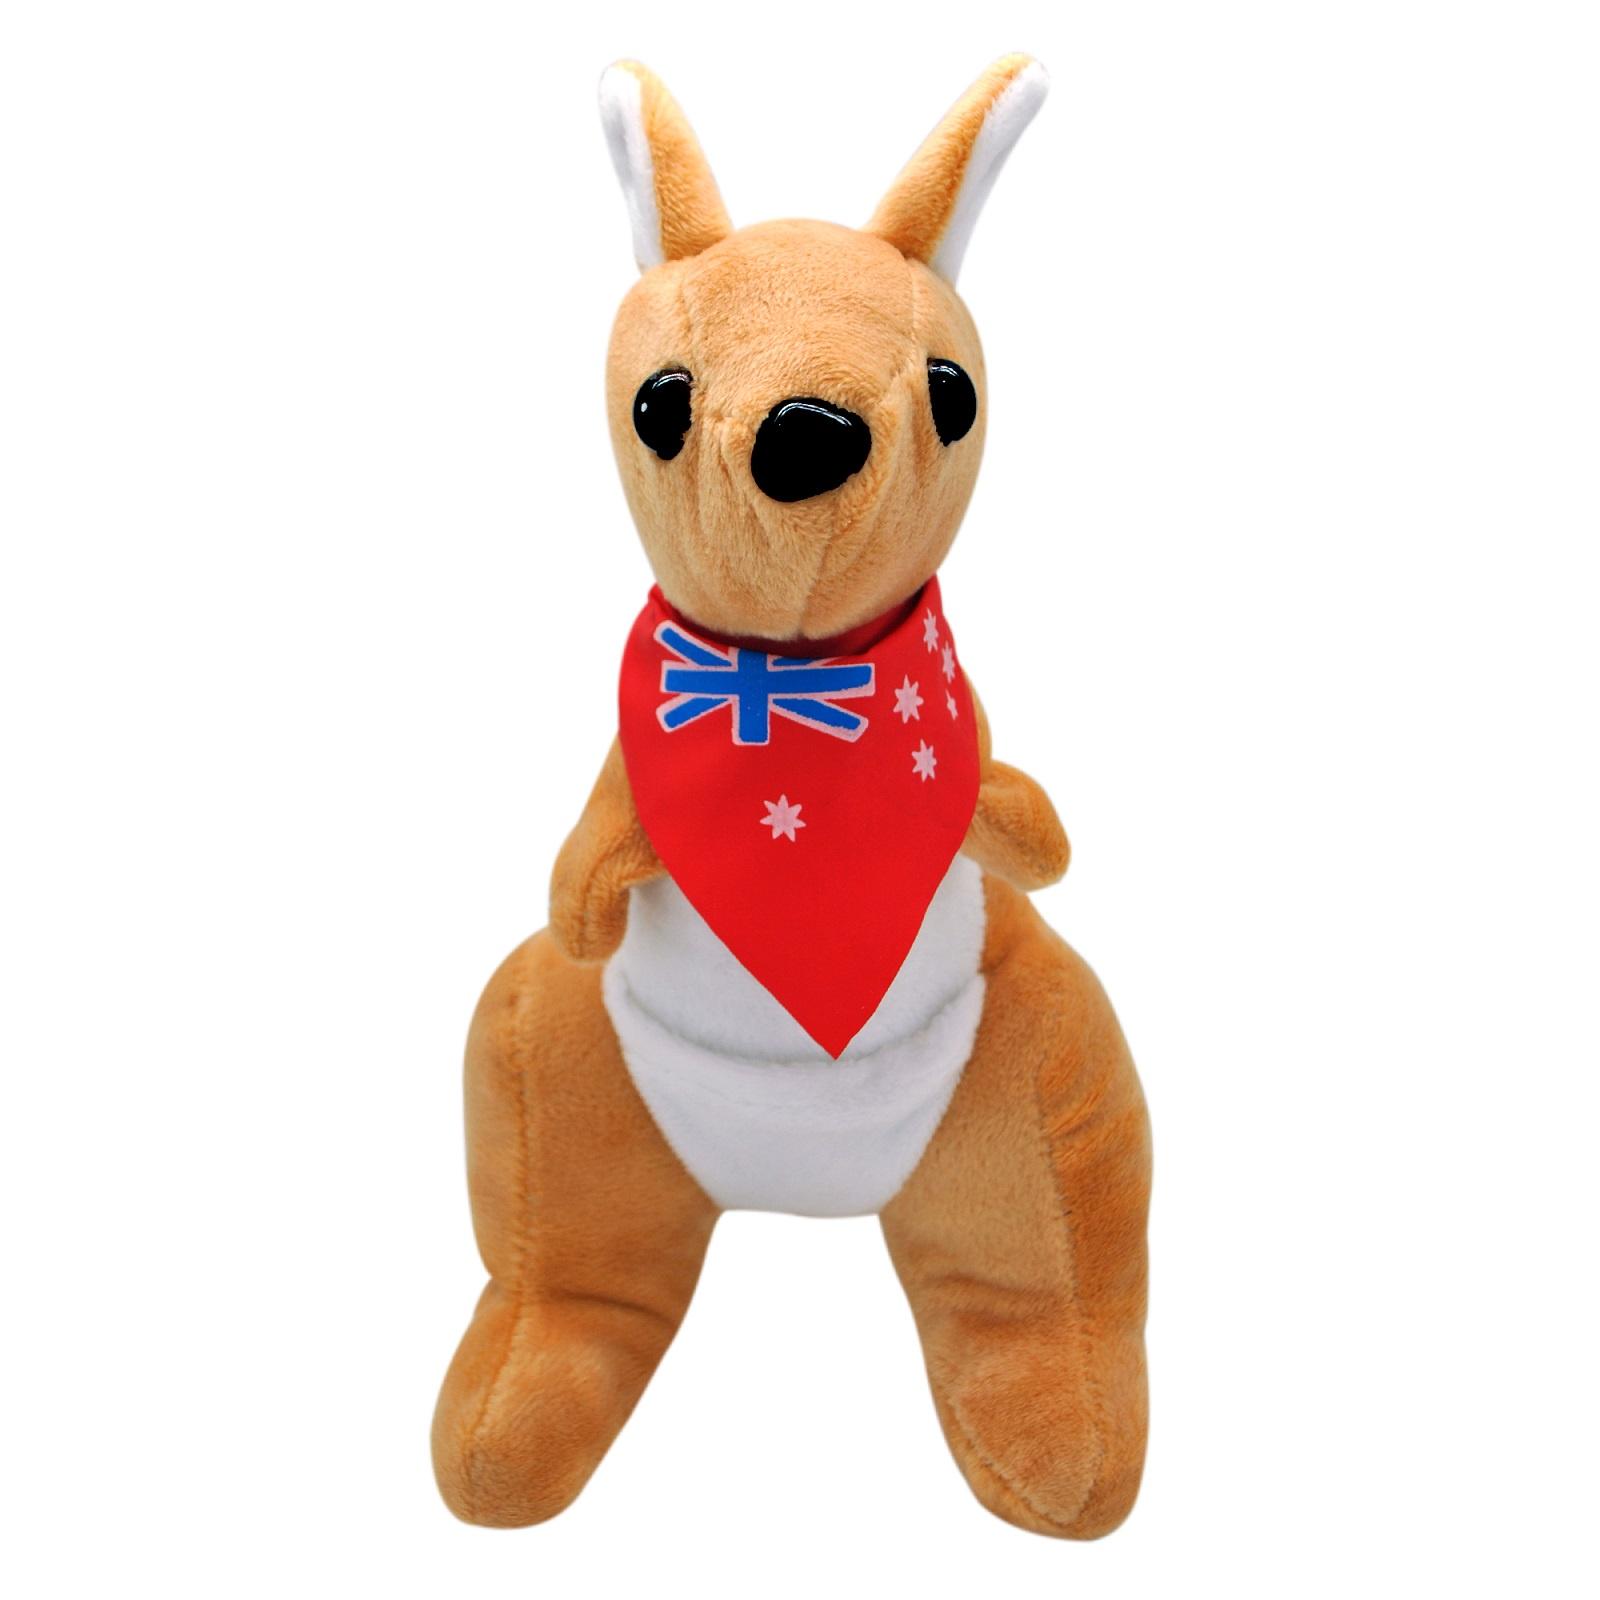 Мягкая игрушка АБВГДЕЙКА Кенгурёнок бежевый, 20 см, игрушка мягкая, KG00041